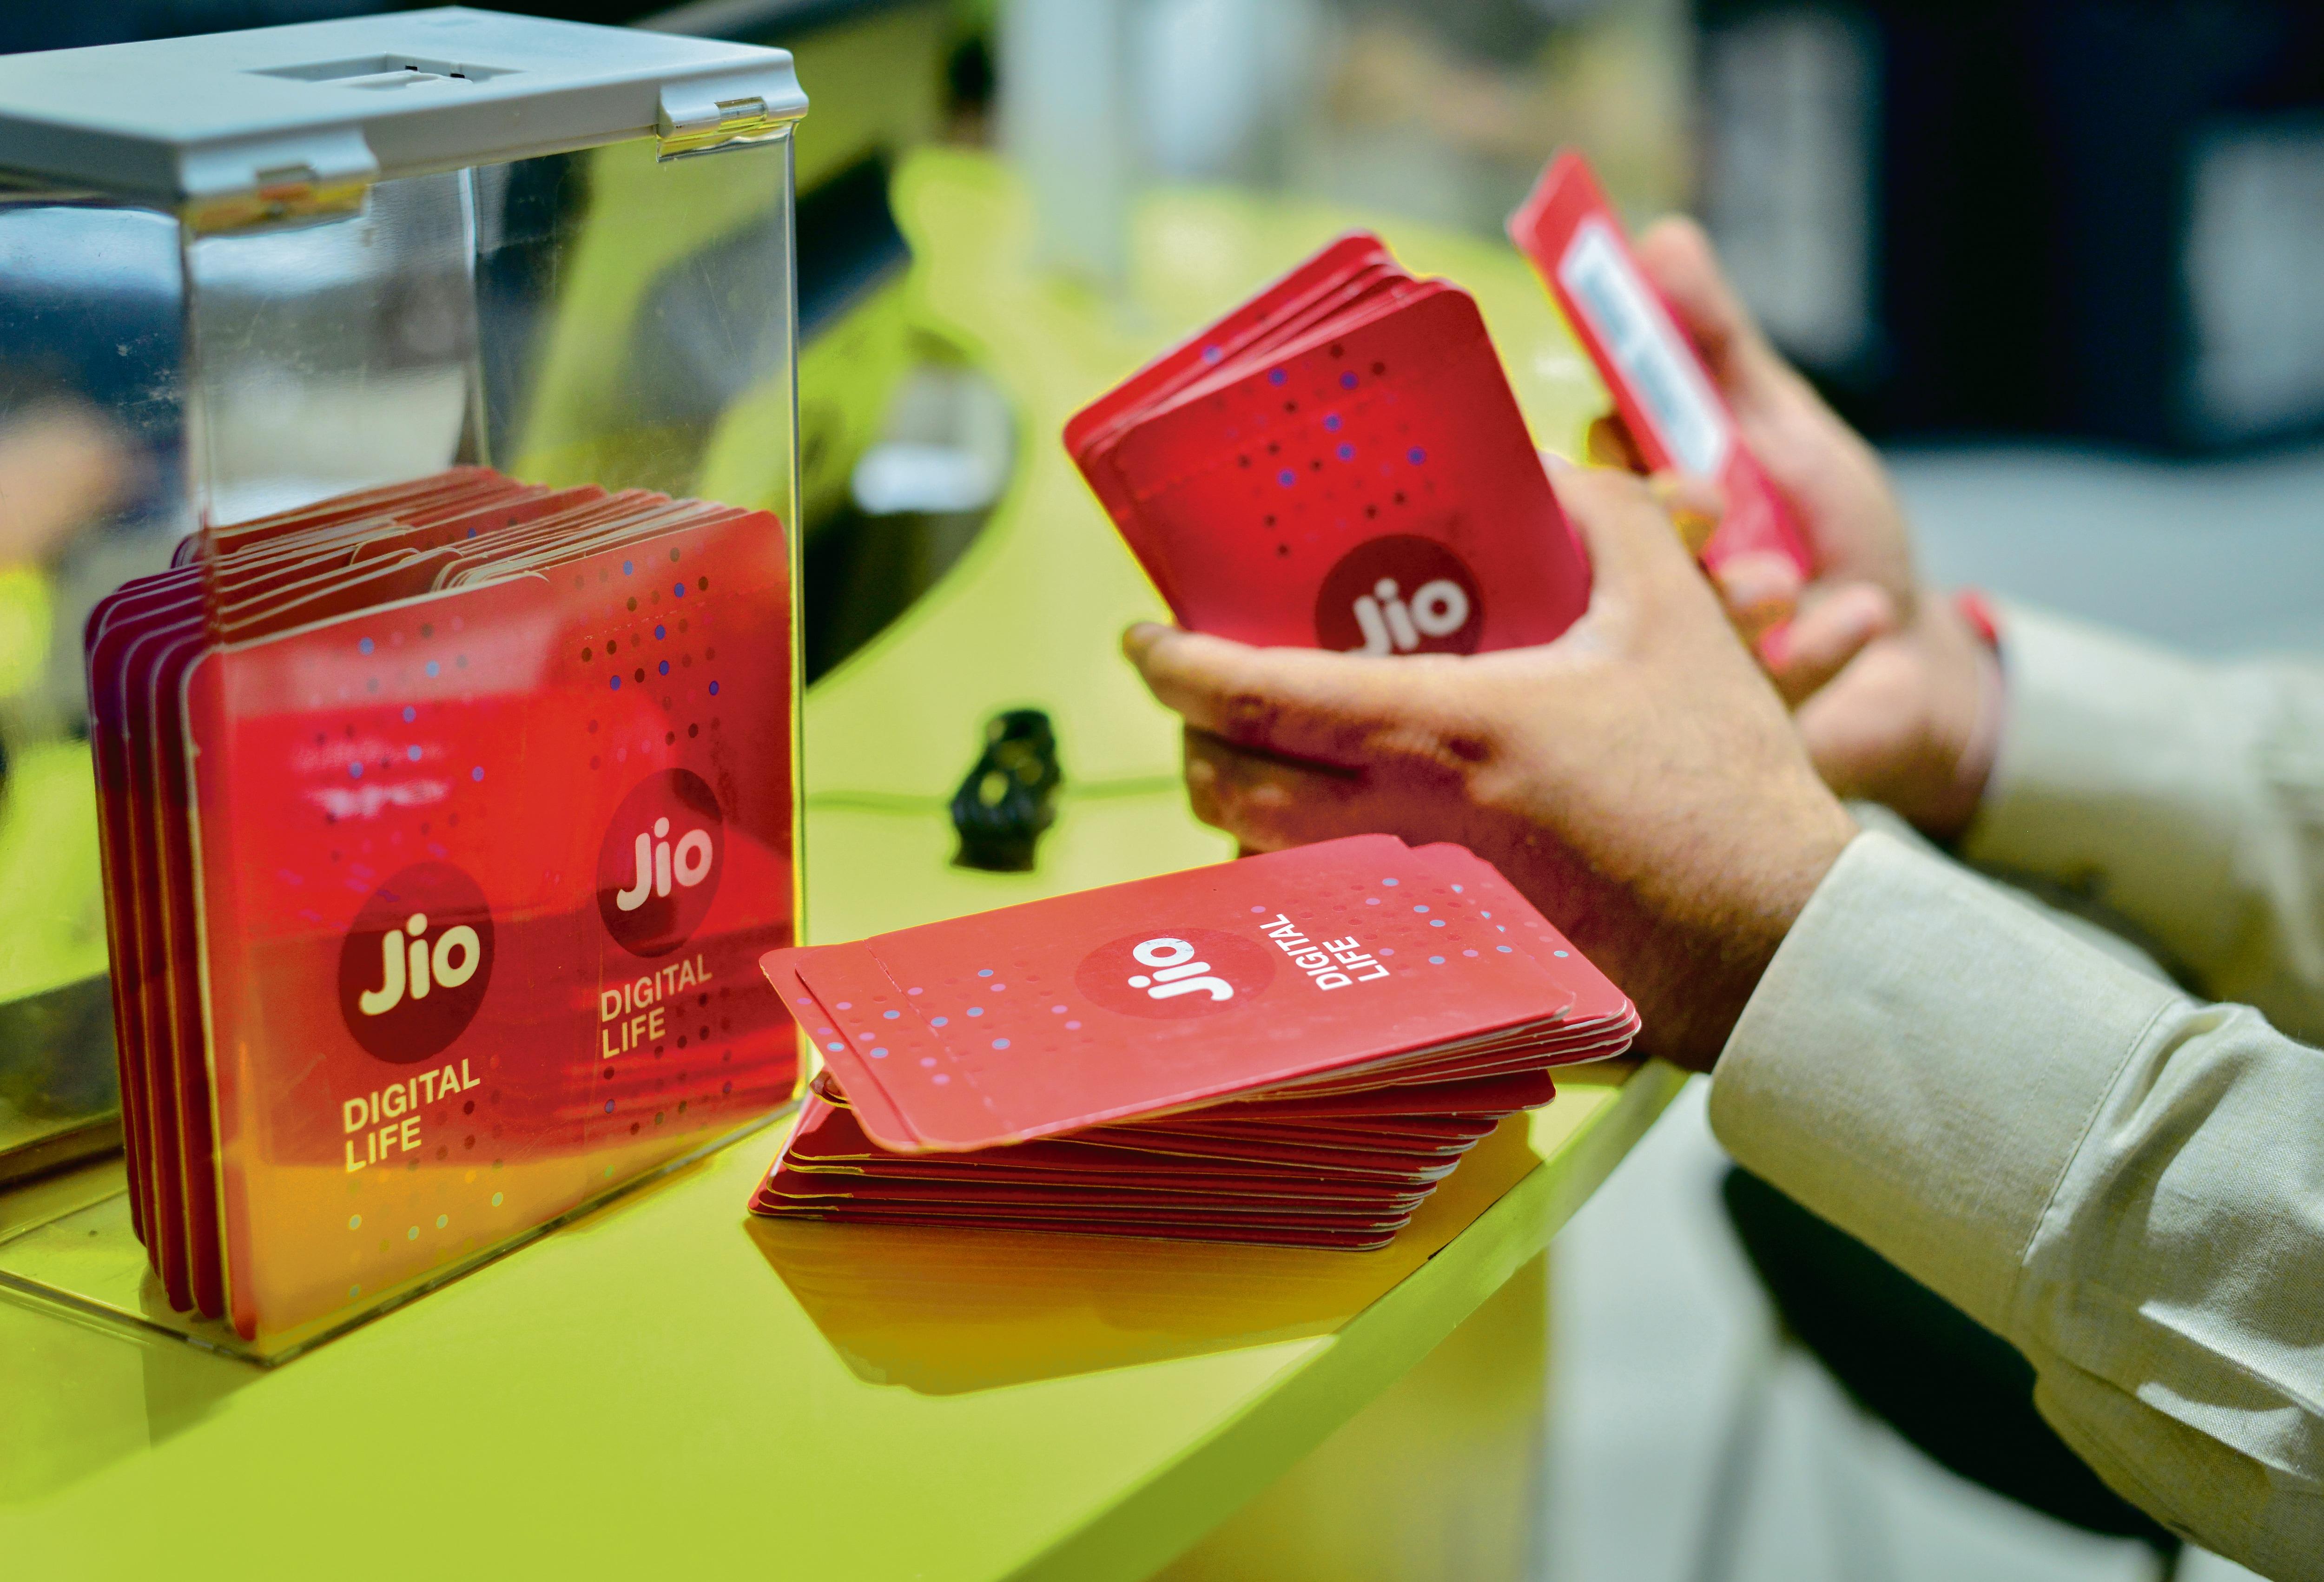 ১,৪৯৯ টাকার JioPhone প্ল্যান: এই প্ল্যানেও আপনি একটি JioPhone পাবেন। সেই সঙ্গে ১ বছরের জন্য সীমাহীন কলিং পাবেন। প্রতি মাসে ২ জিবি করে ডেটা পাবেন। ফাইল ছবি : মিন্ট (MINT_PRINT)